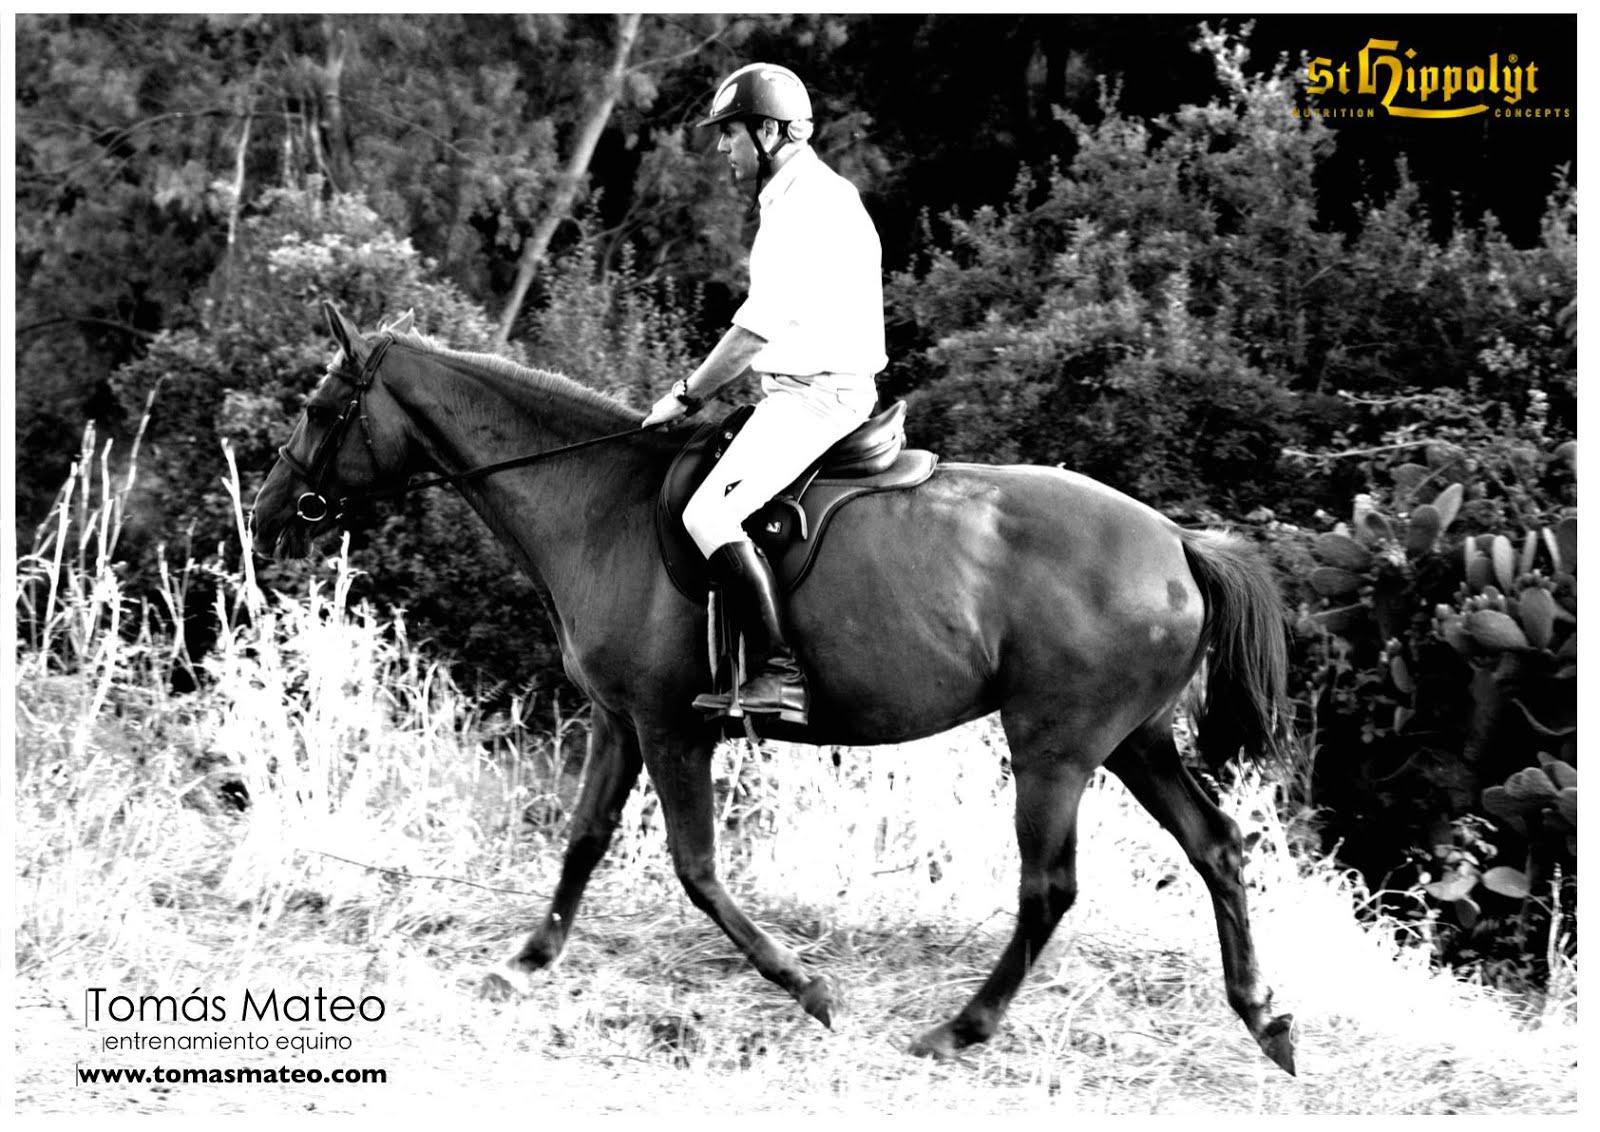 Tomás Mateo, Entrenador Equino